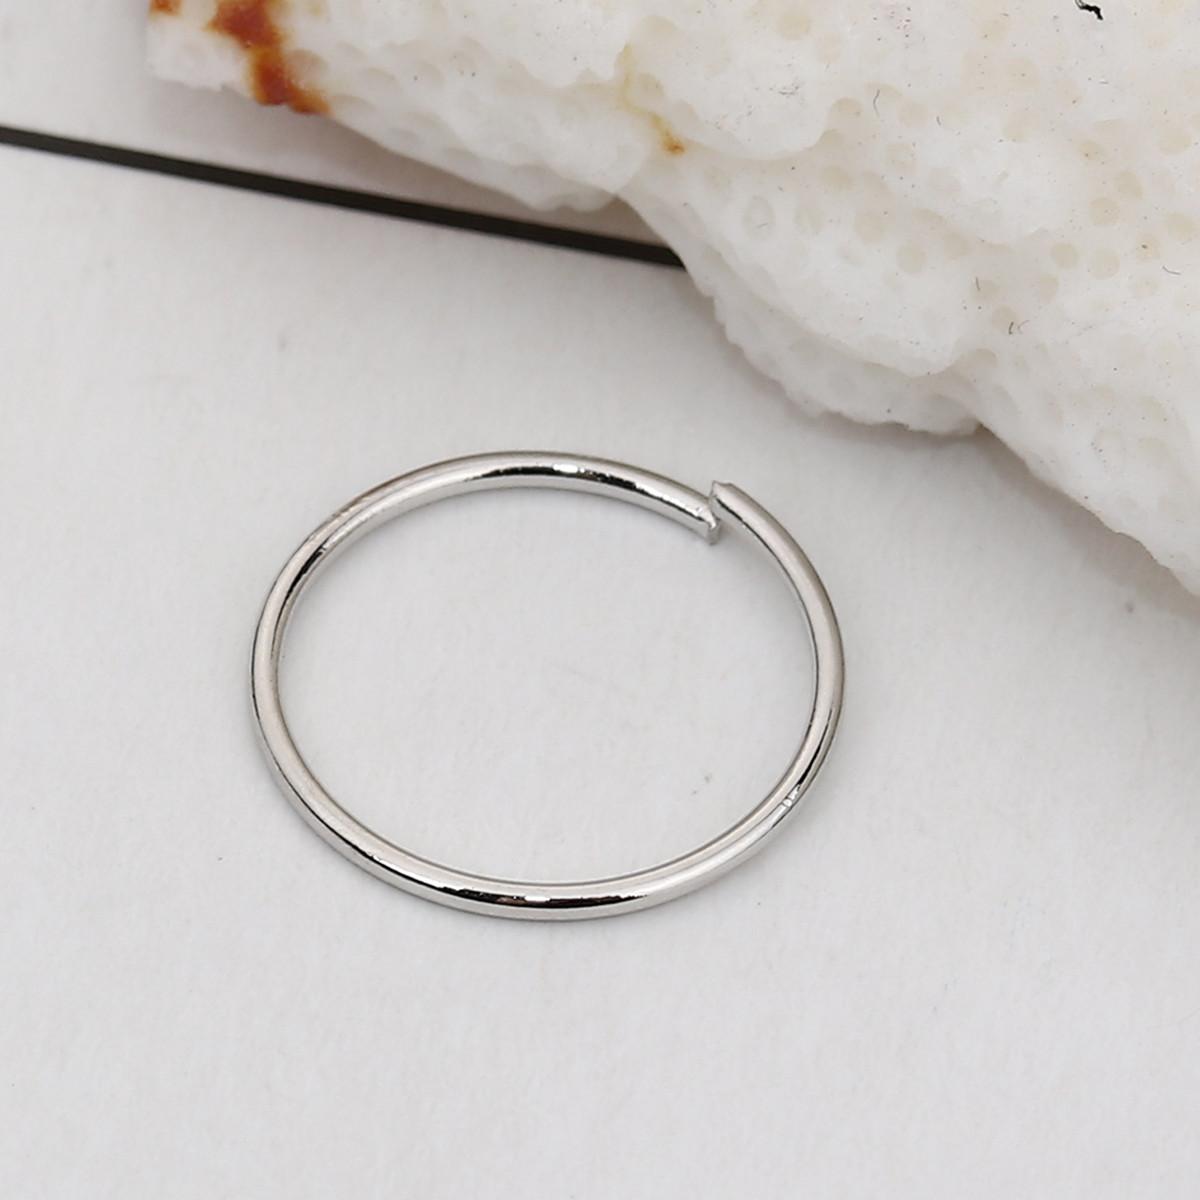 Колечко, Разрезное, Круглое, Медь, Серебряный тон, 13 мм, 0.8 мм